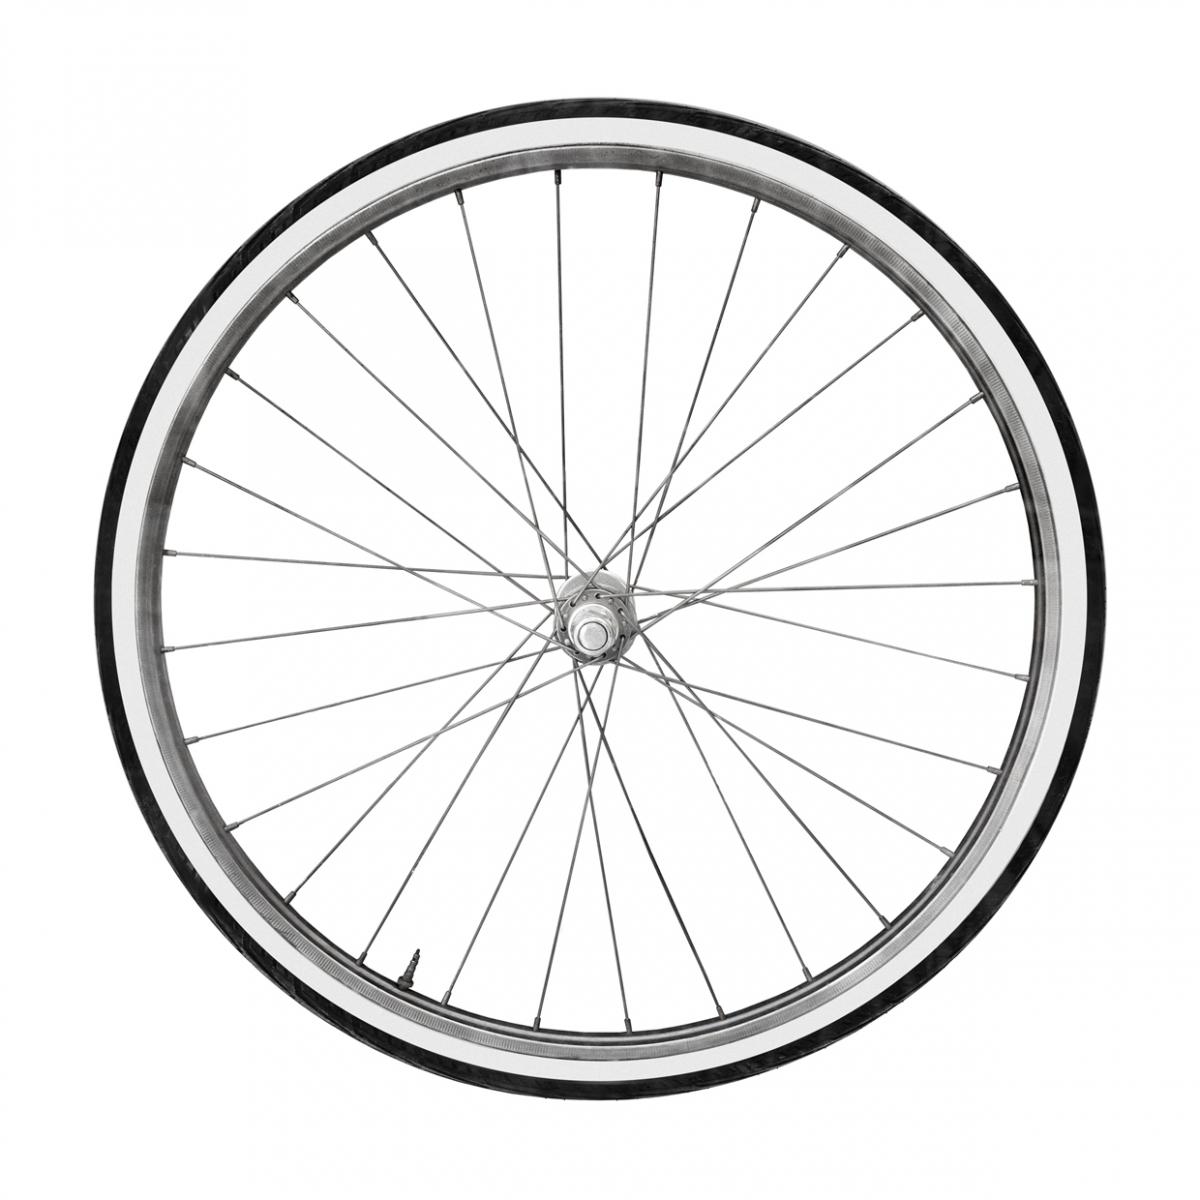 Imagen en la que se ve una rueda de bicicleta